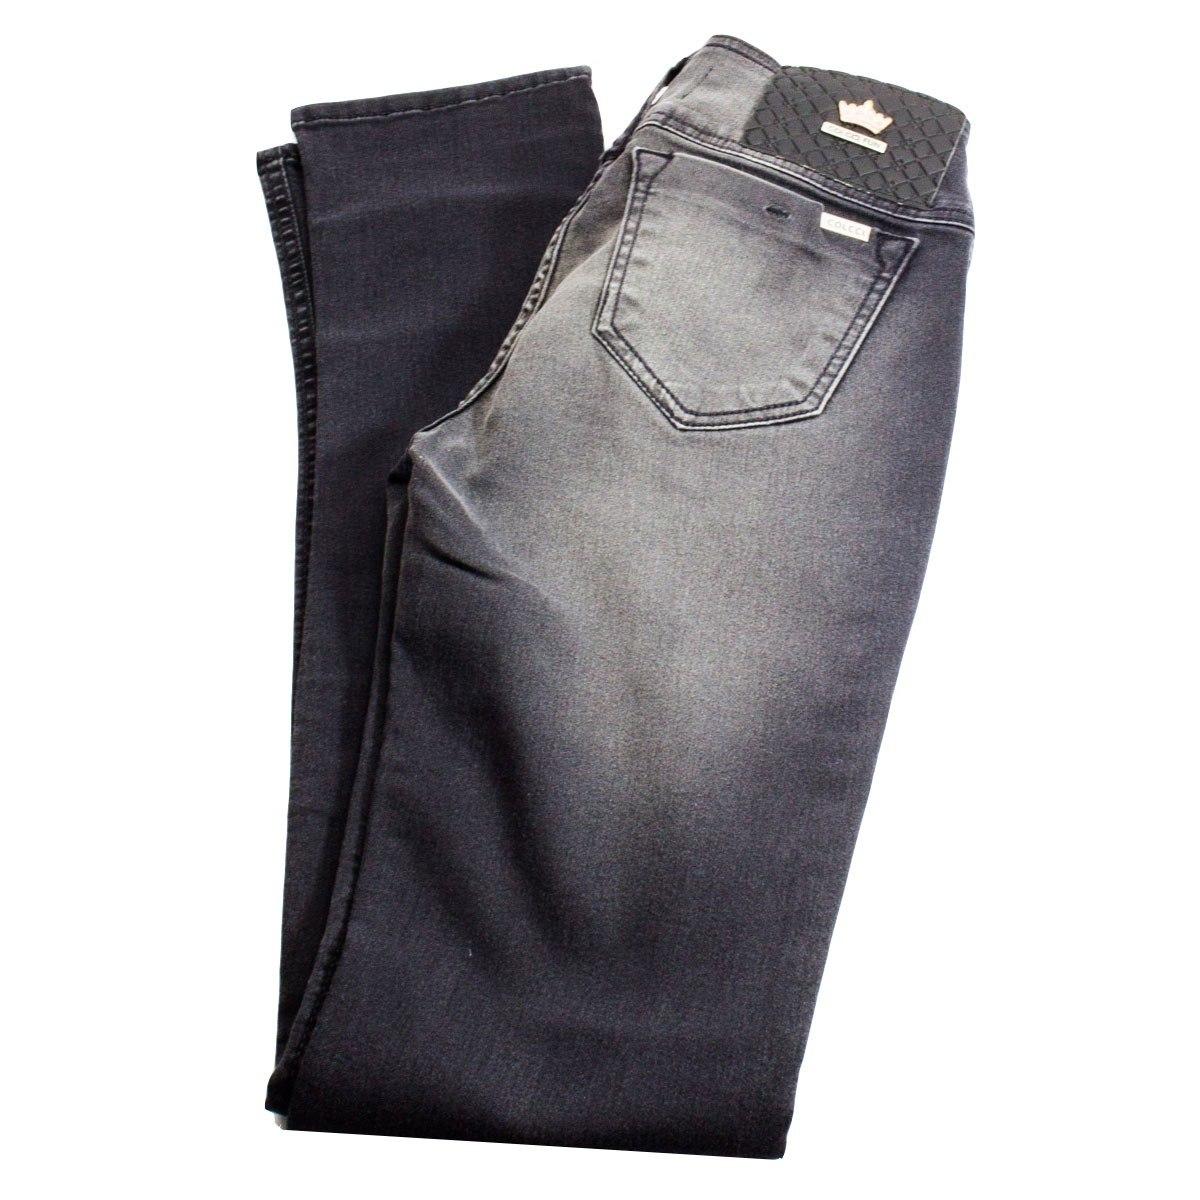 74c560b28 Calça Jeans Infantil Feminina Colcci Fun Indigo Promoção - R$ 129,01 ...